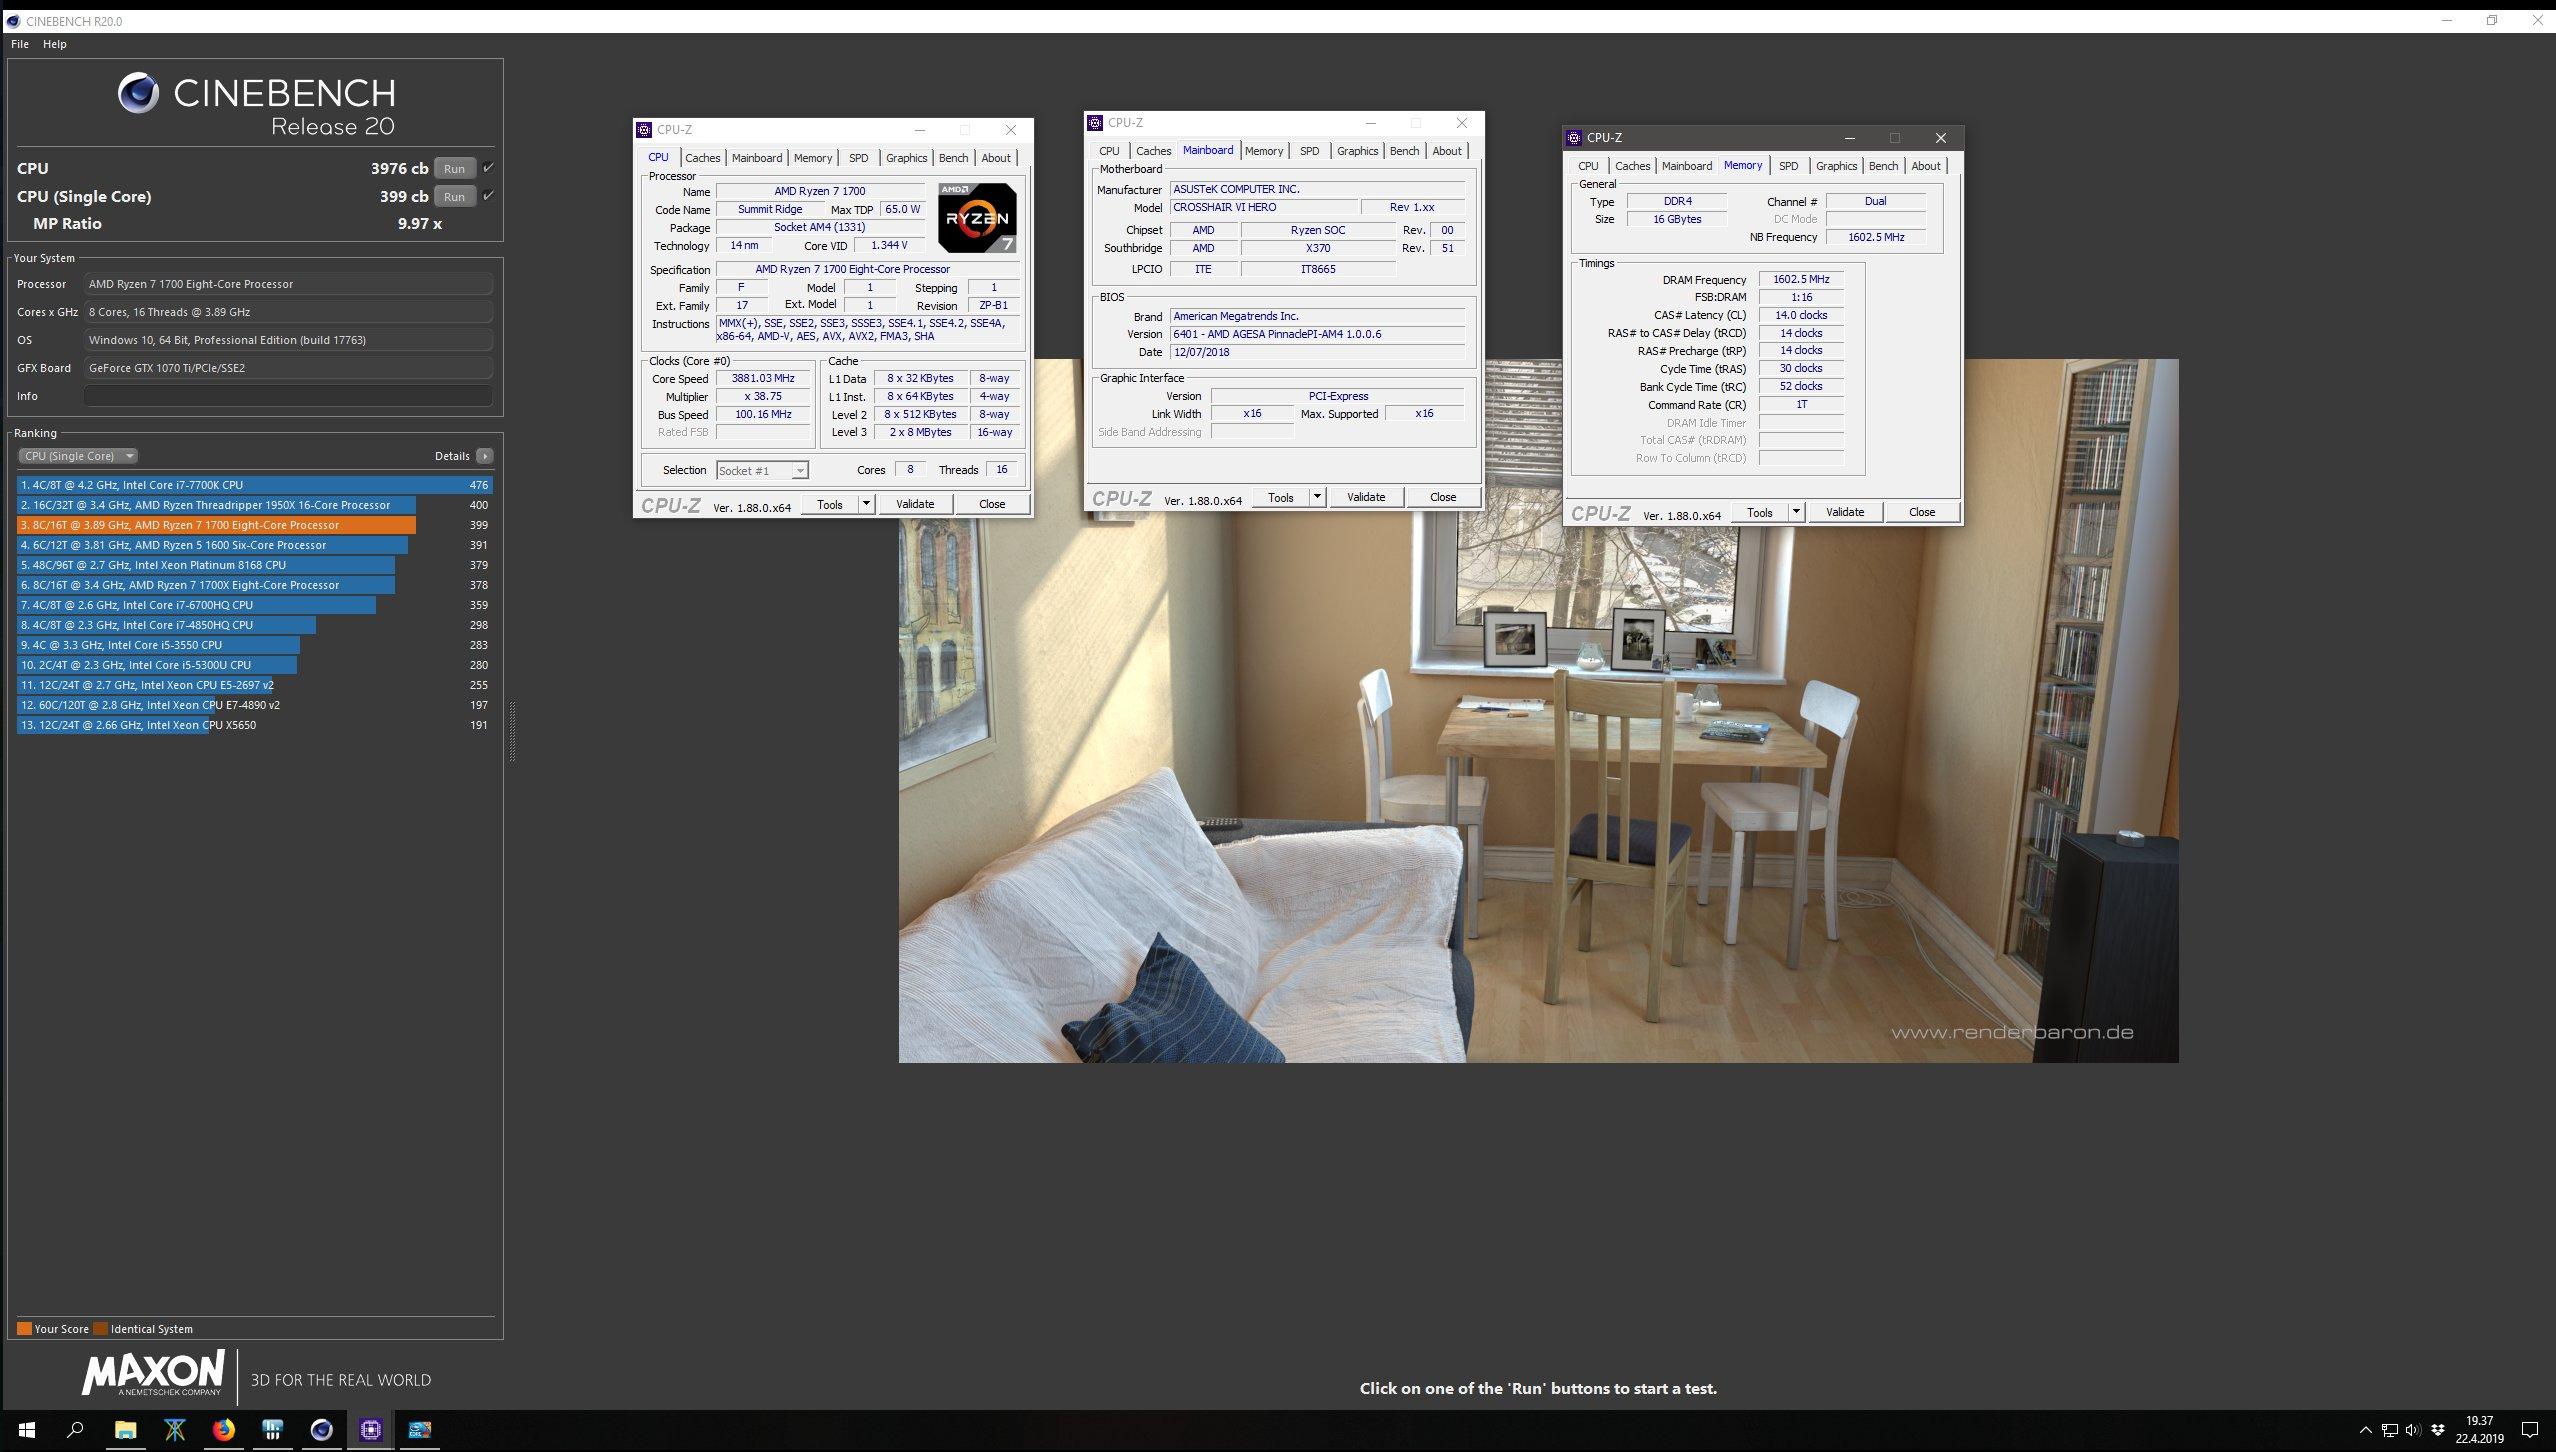 cineb r20 r1700 388 new.jpg